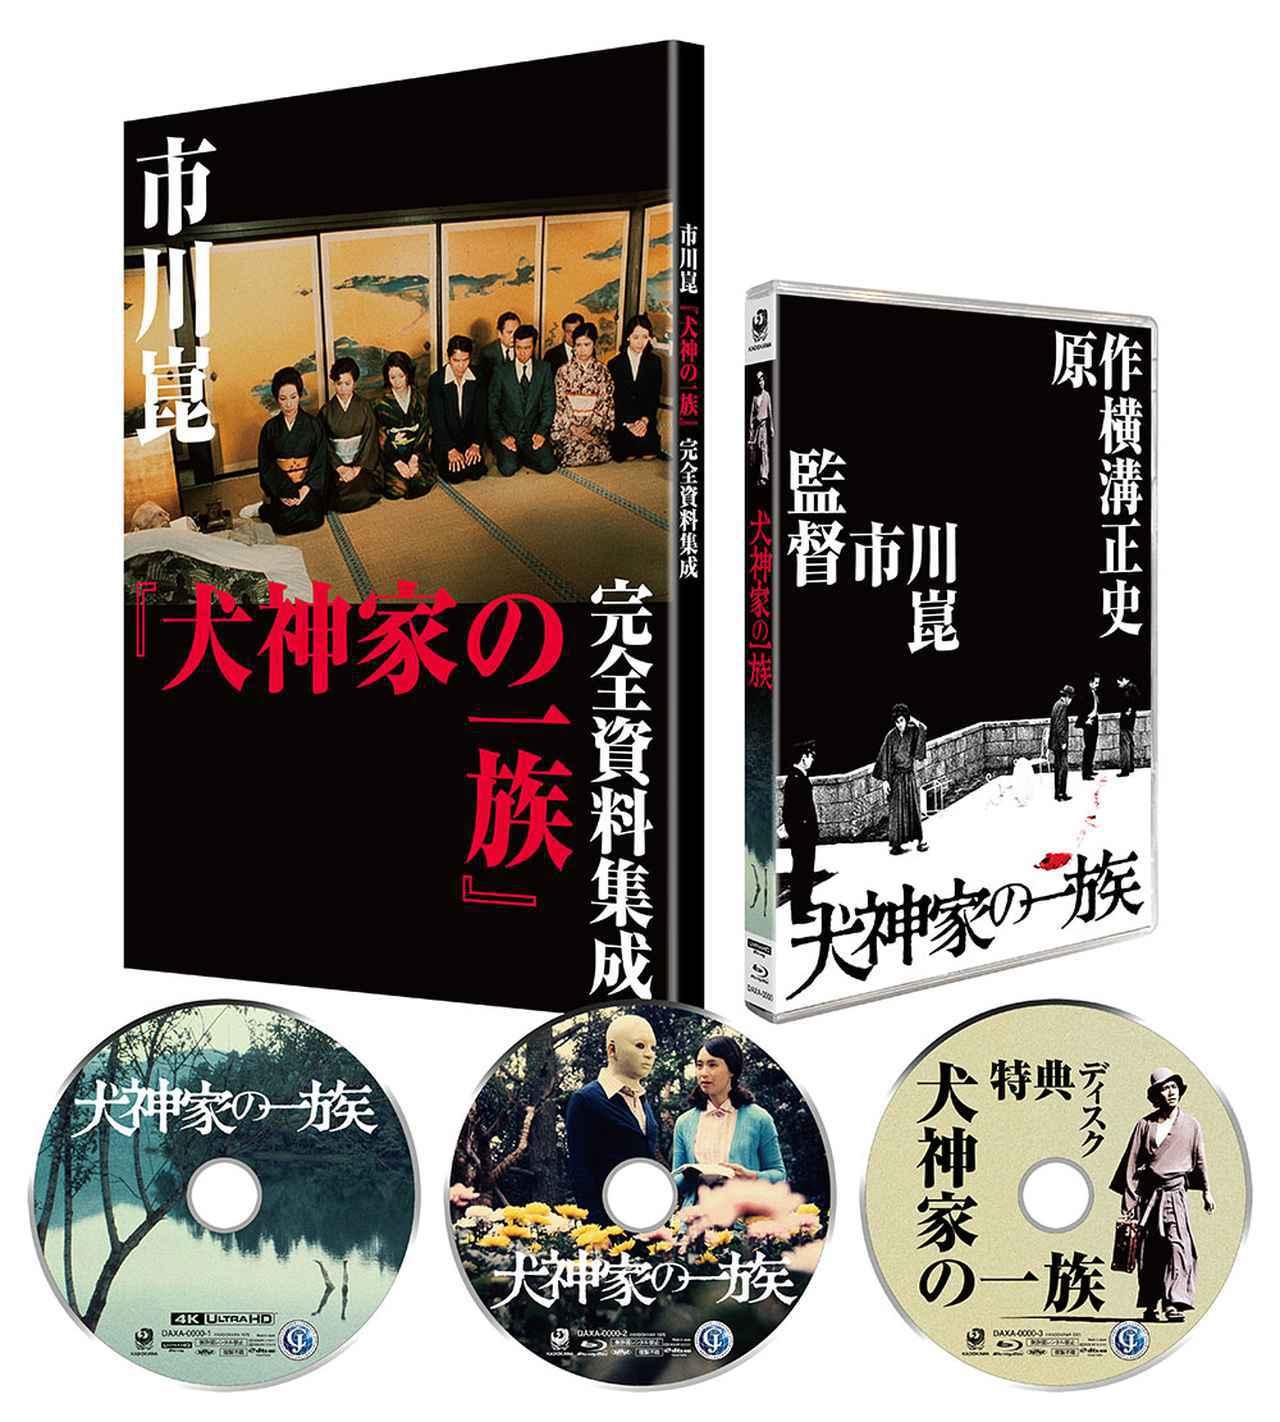 画像: 『犬神家の一族』の4K UHDブルーレイが12月24日に発売決定! 角川映画45周年を記念して、考え得る最高のパッケージソフトとして登場する - Stereo Sound ONLINE